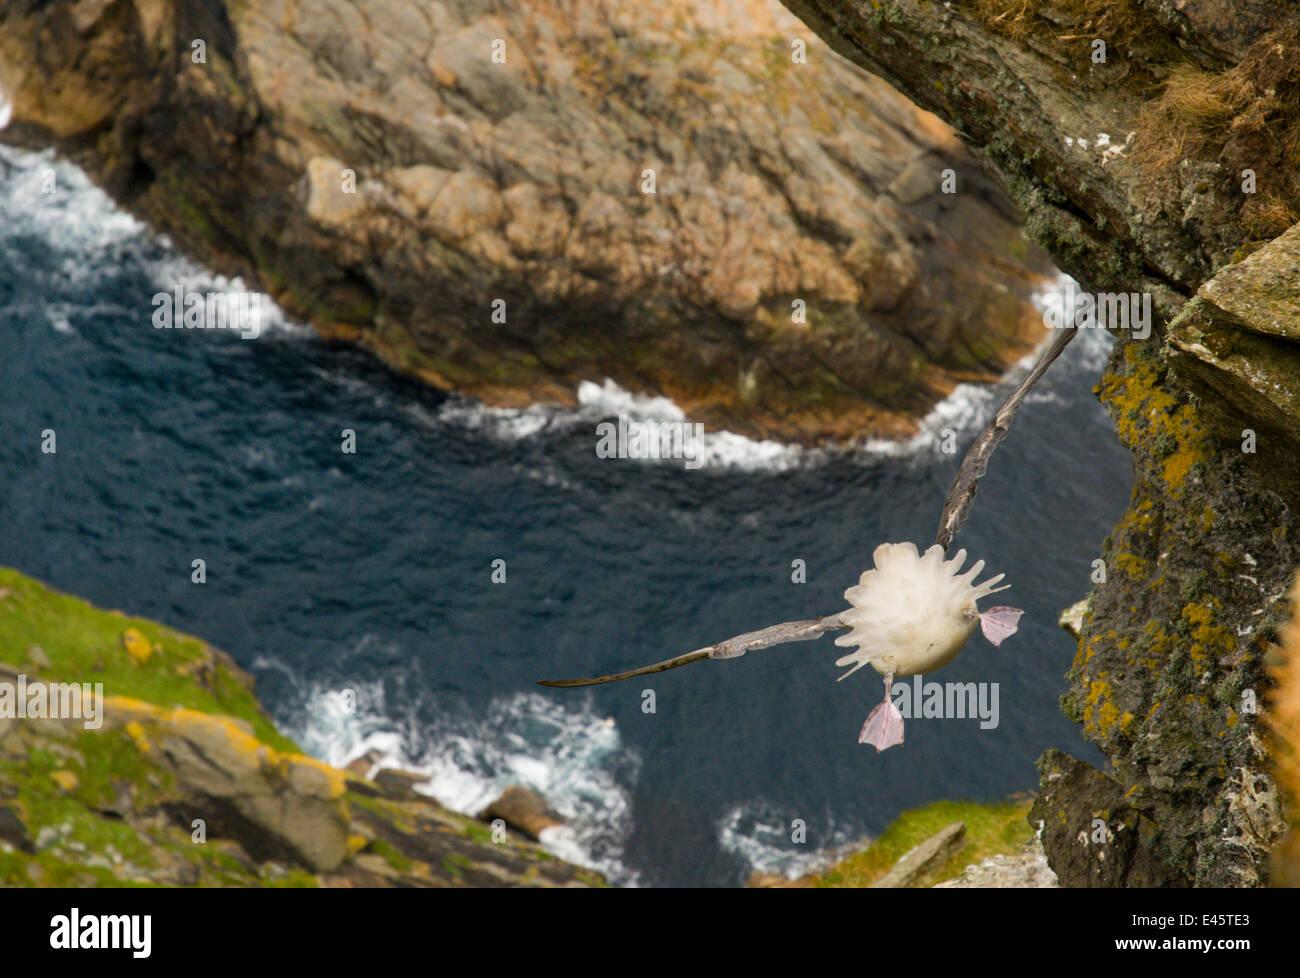 Fulmar (Fulmarus glacialis) vista posteriore di uccelli appesi in aria su ripide scogliere, isole Shetland, Scotland, Immagini Stock